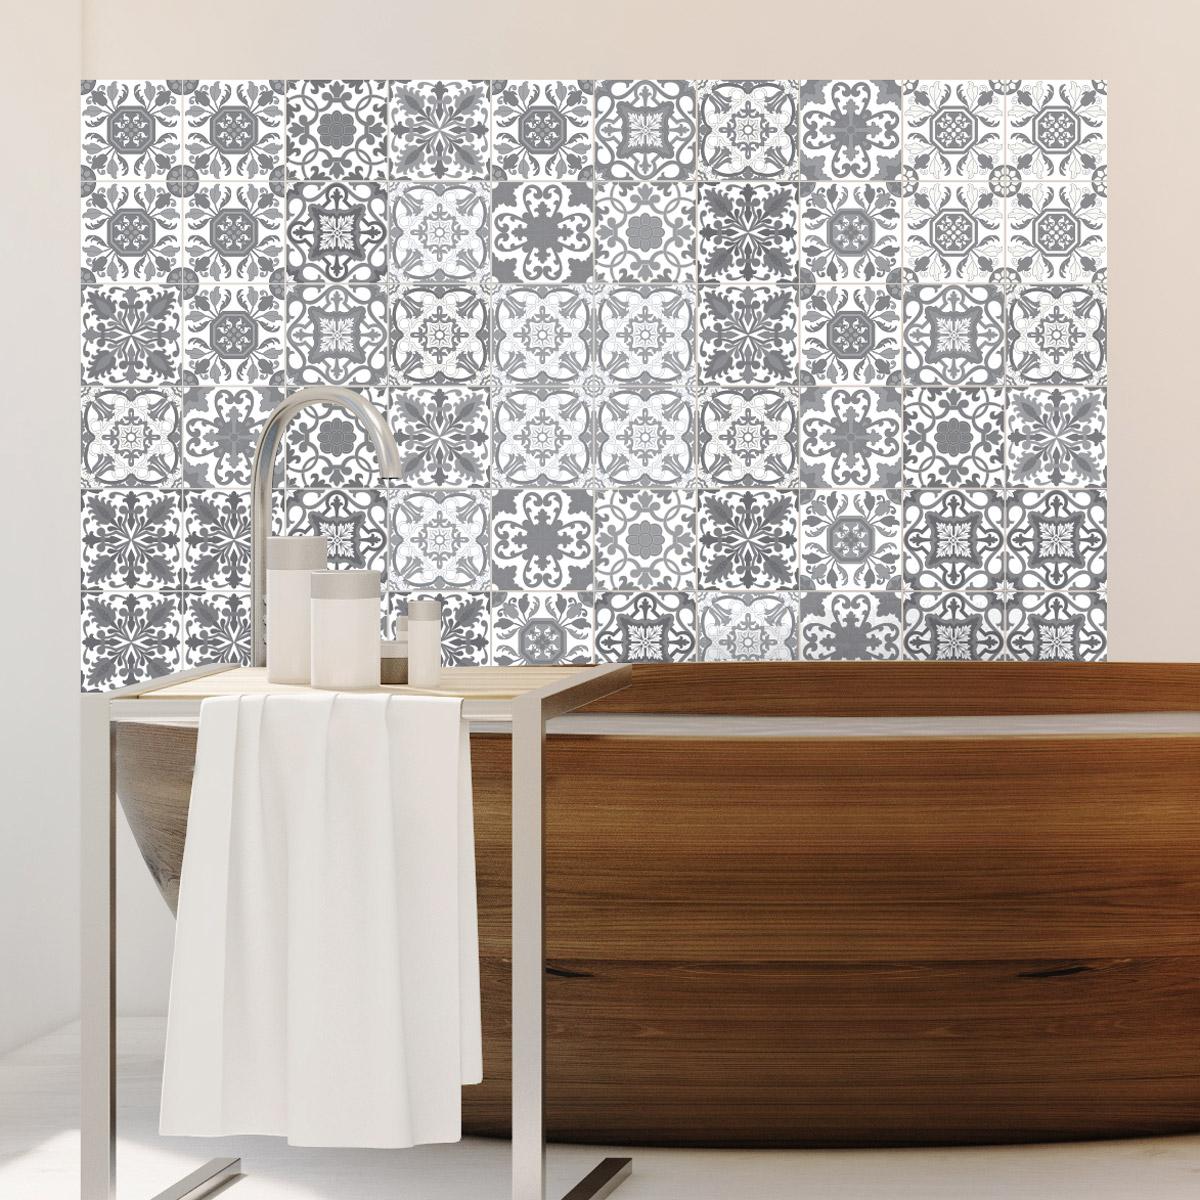 Salle De Bain Azulejos ~ 60 stickers carrelages azulejos vintage nuance de gris art et